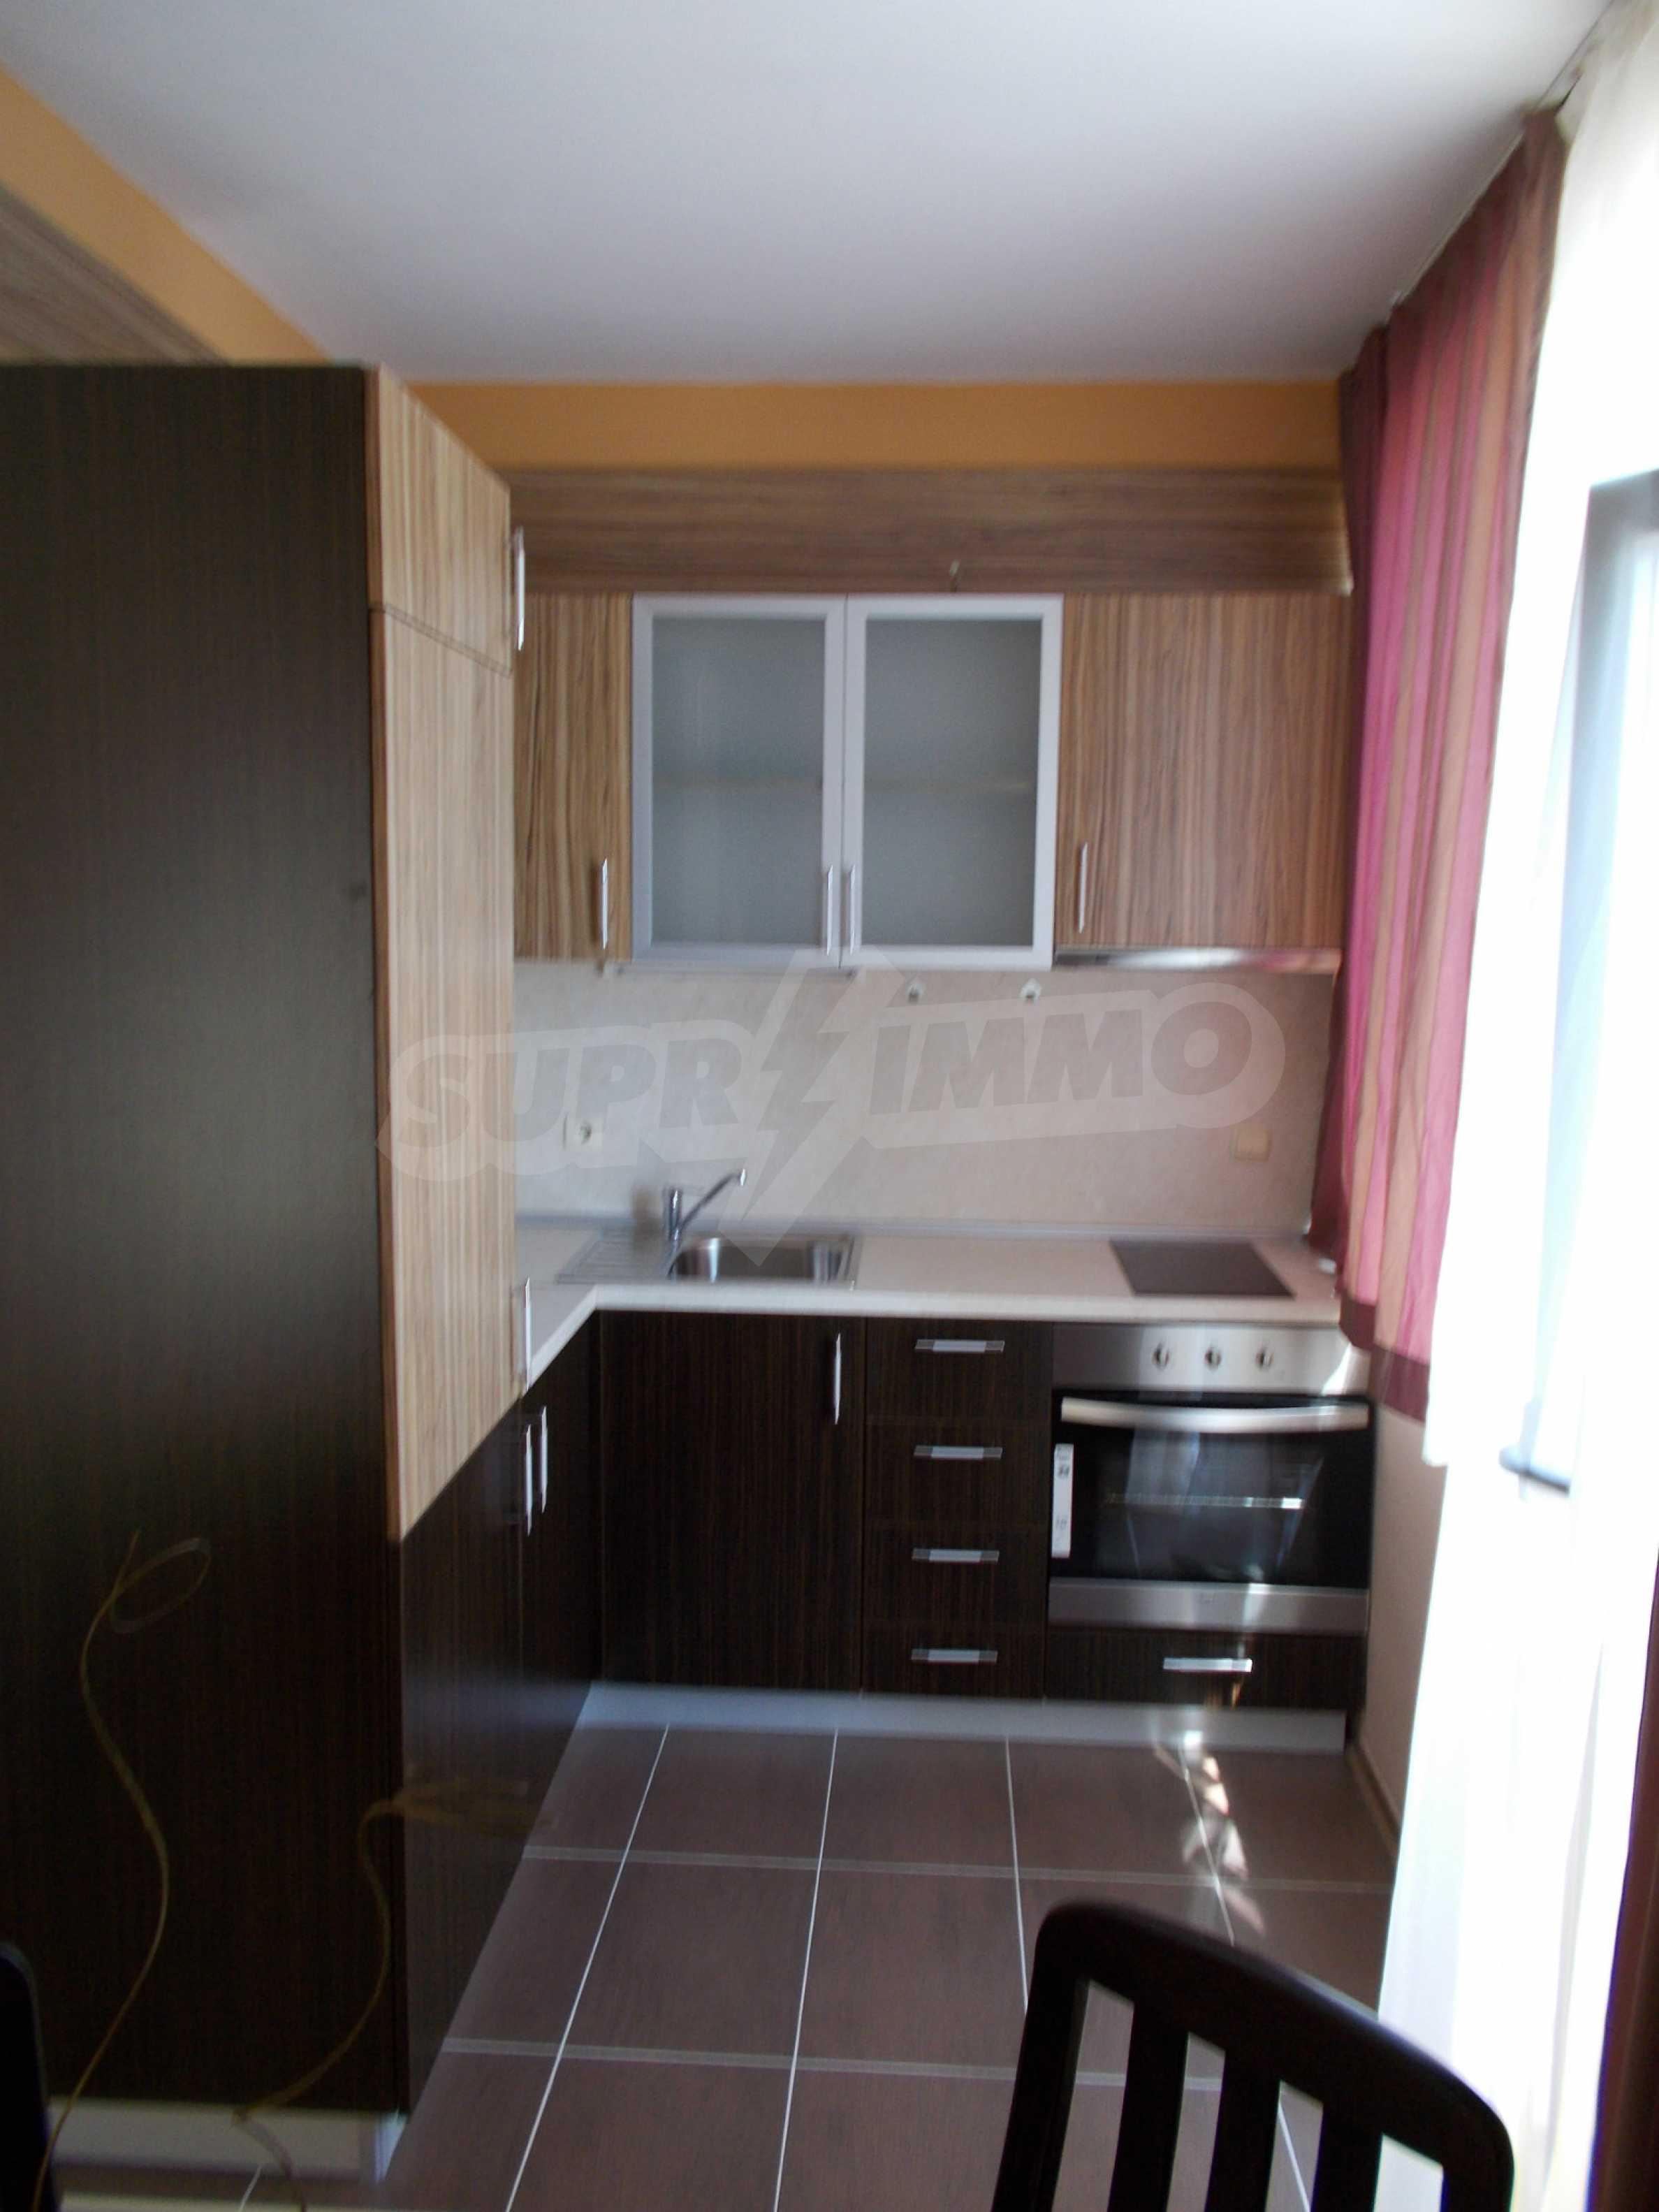 Ein-Zimmer-Wohnung im VRIS-Komplex in Tsarevo 5